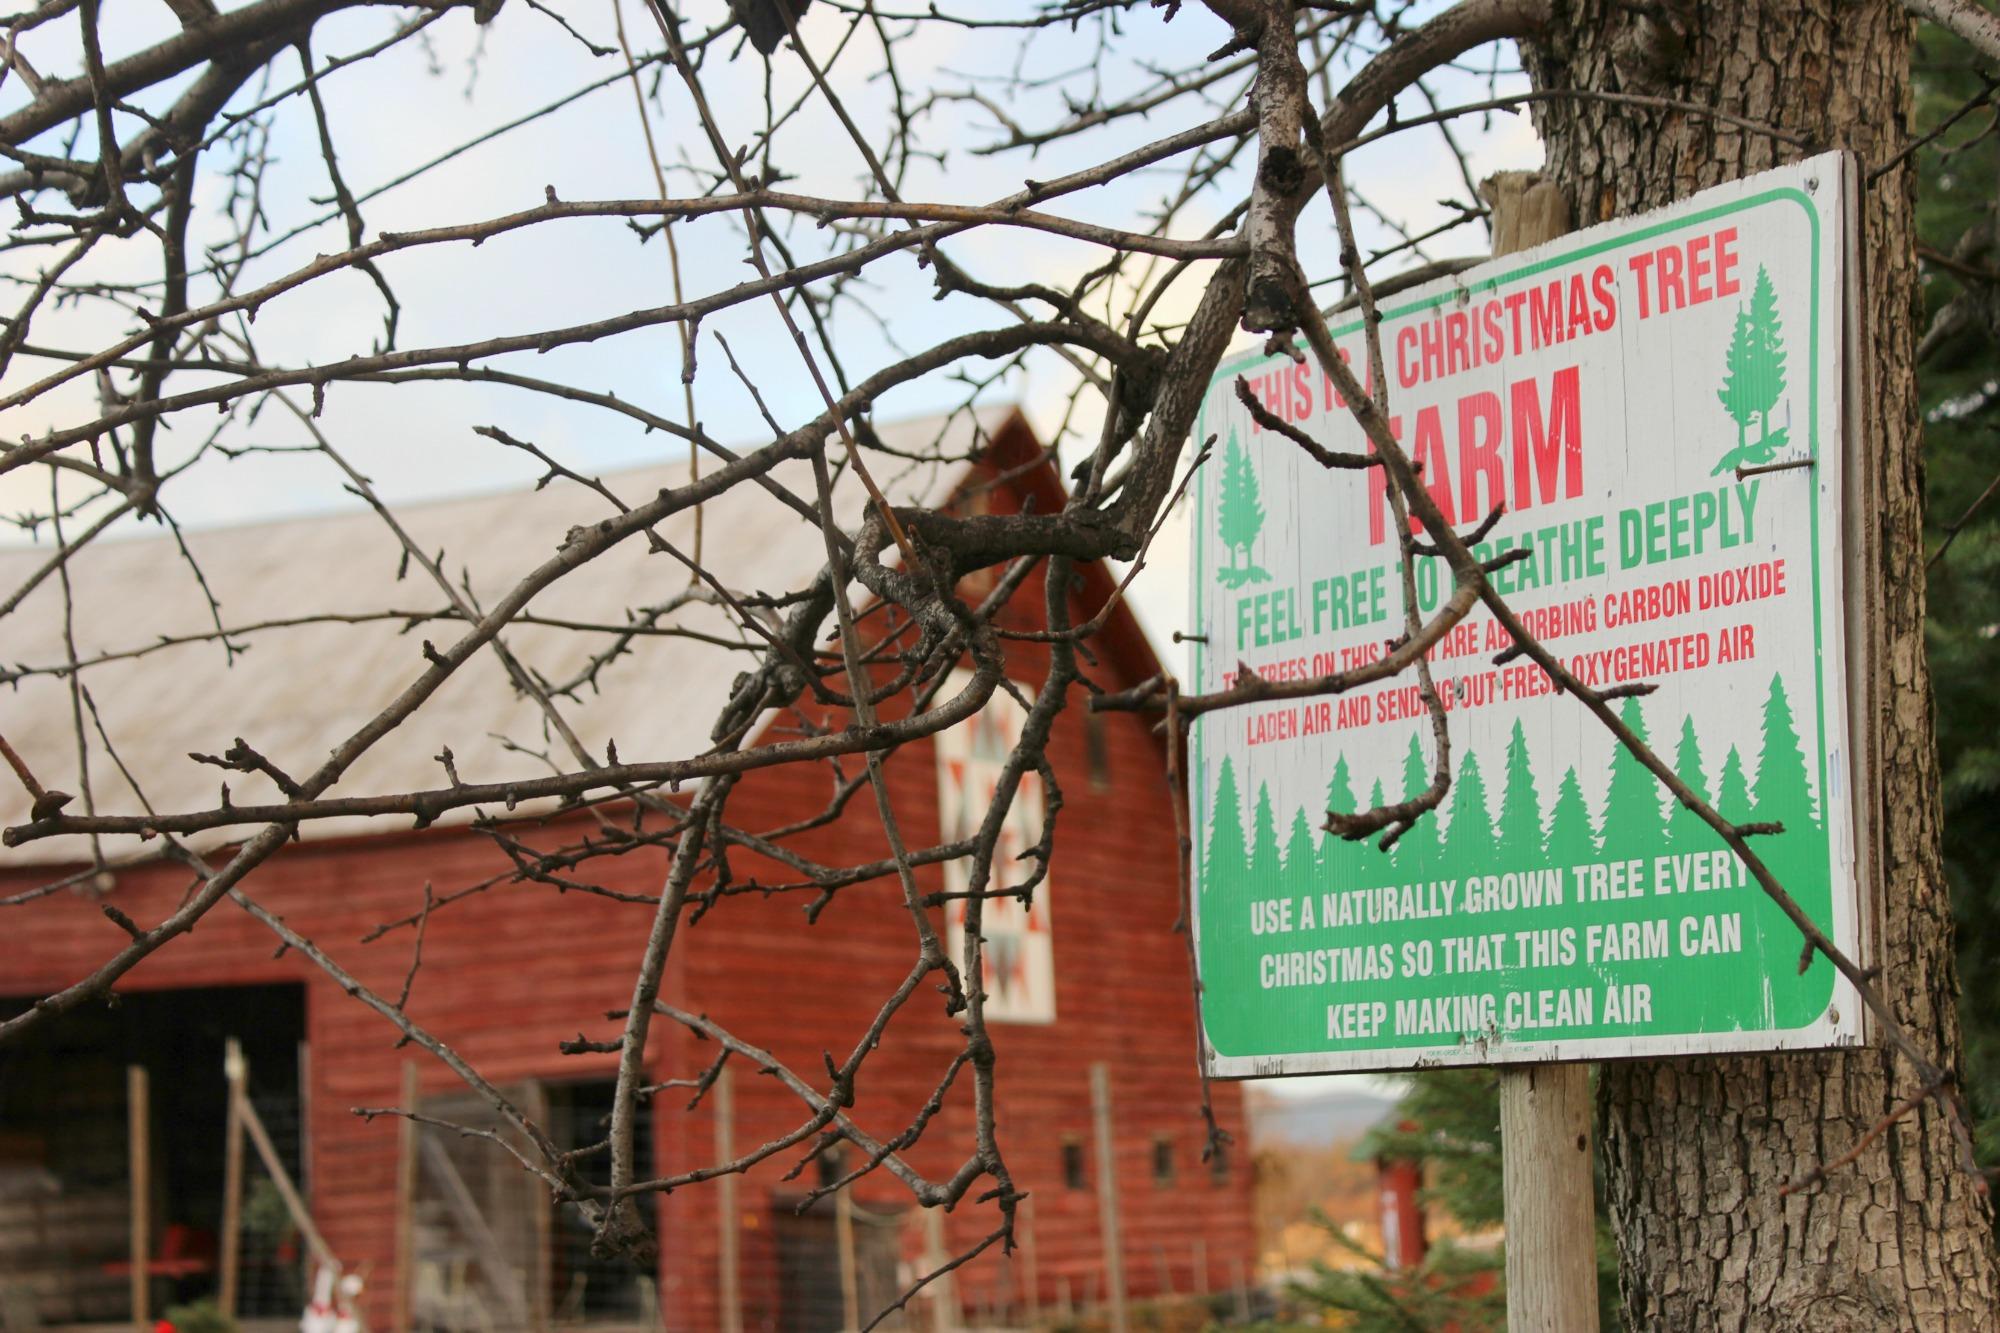 christmas-tree-farm-ny-state